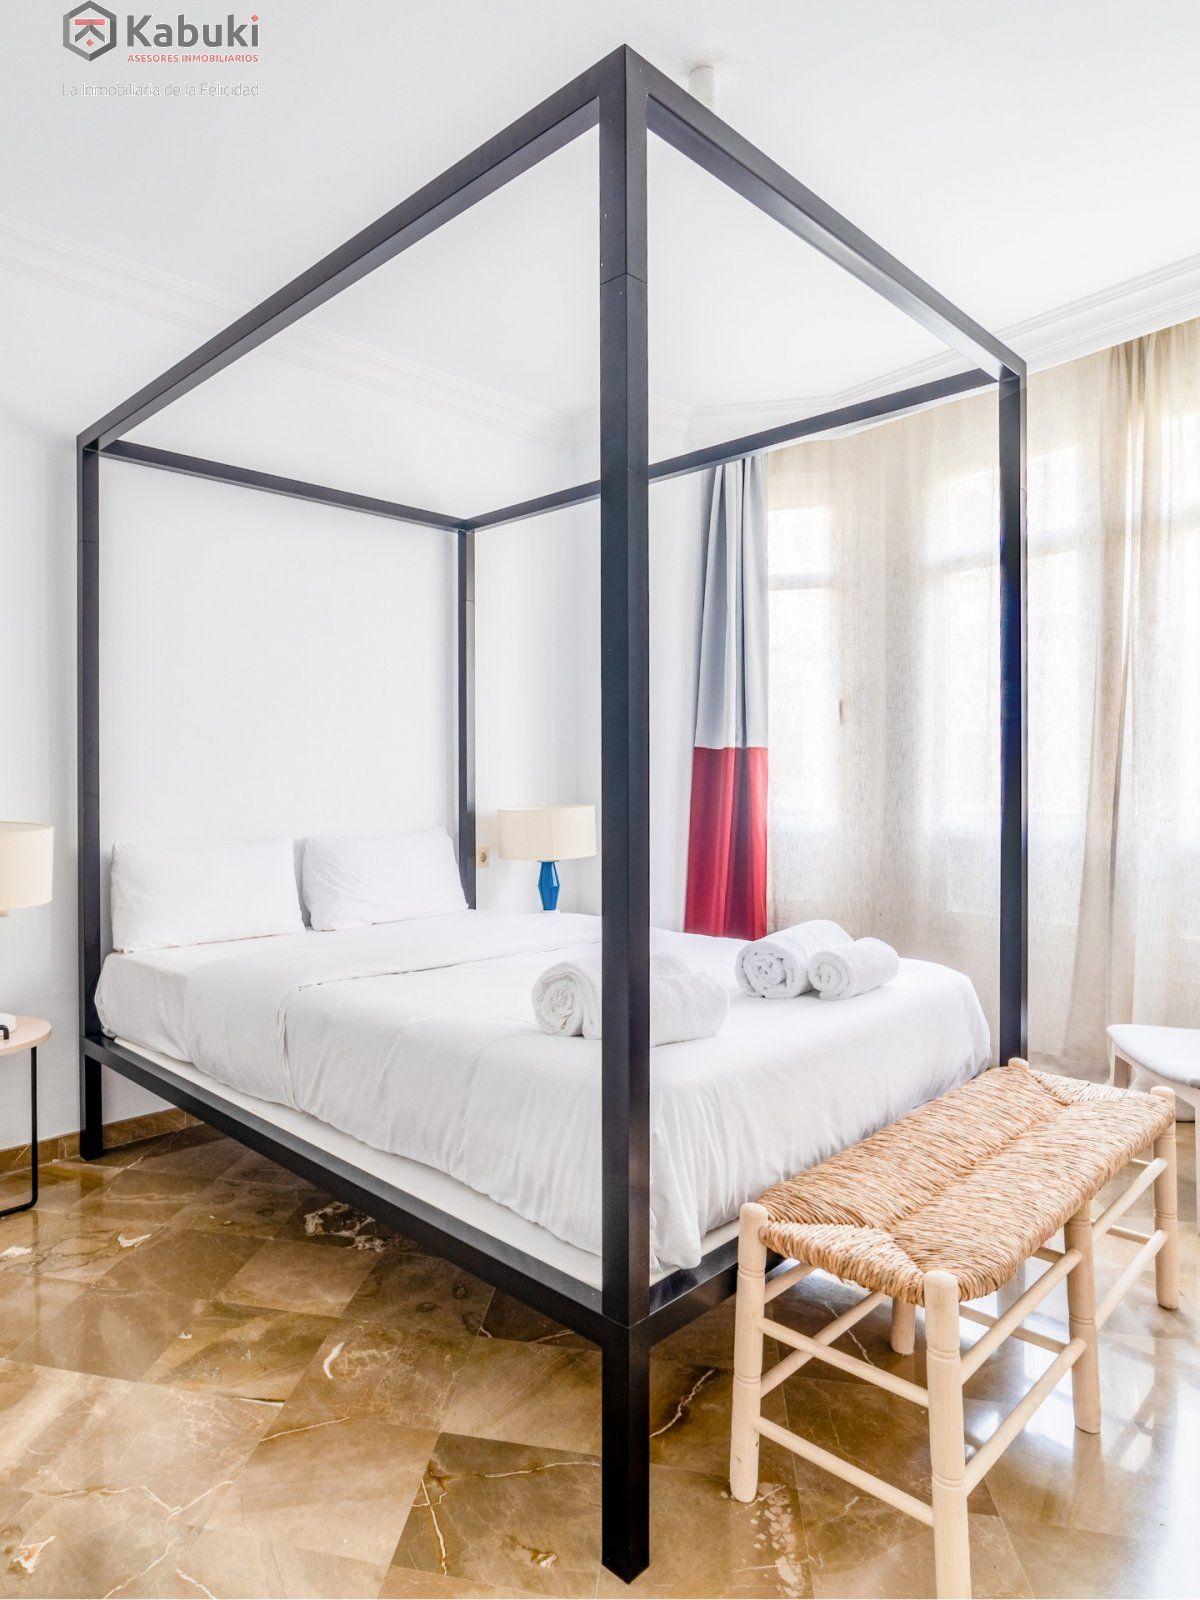 Magnífico inmueble de dos dormitorios en gran via. de estilo moderno, sentirás todo el con - imagenInmueble25